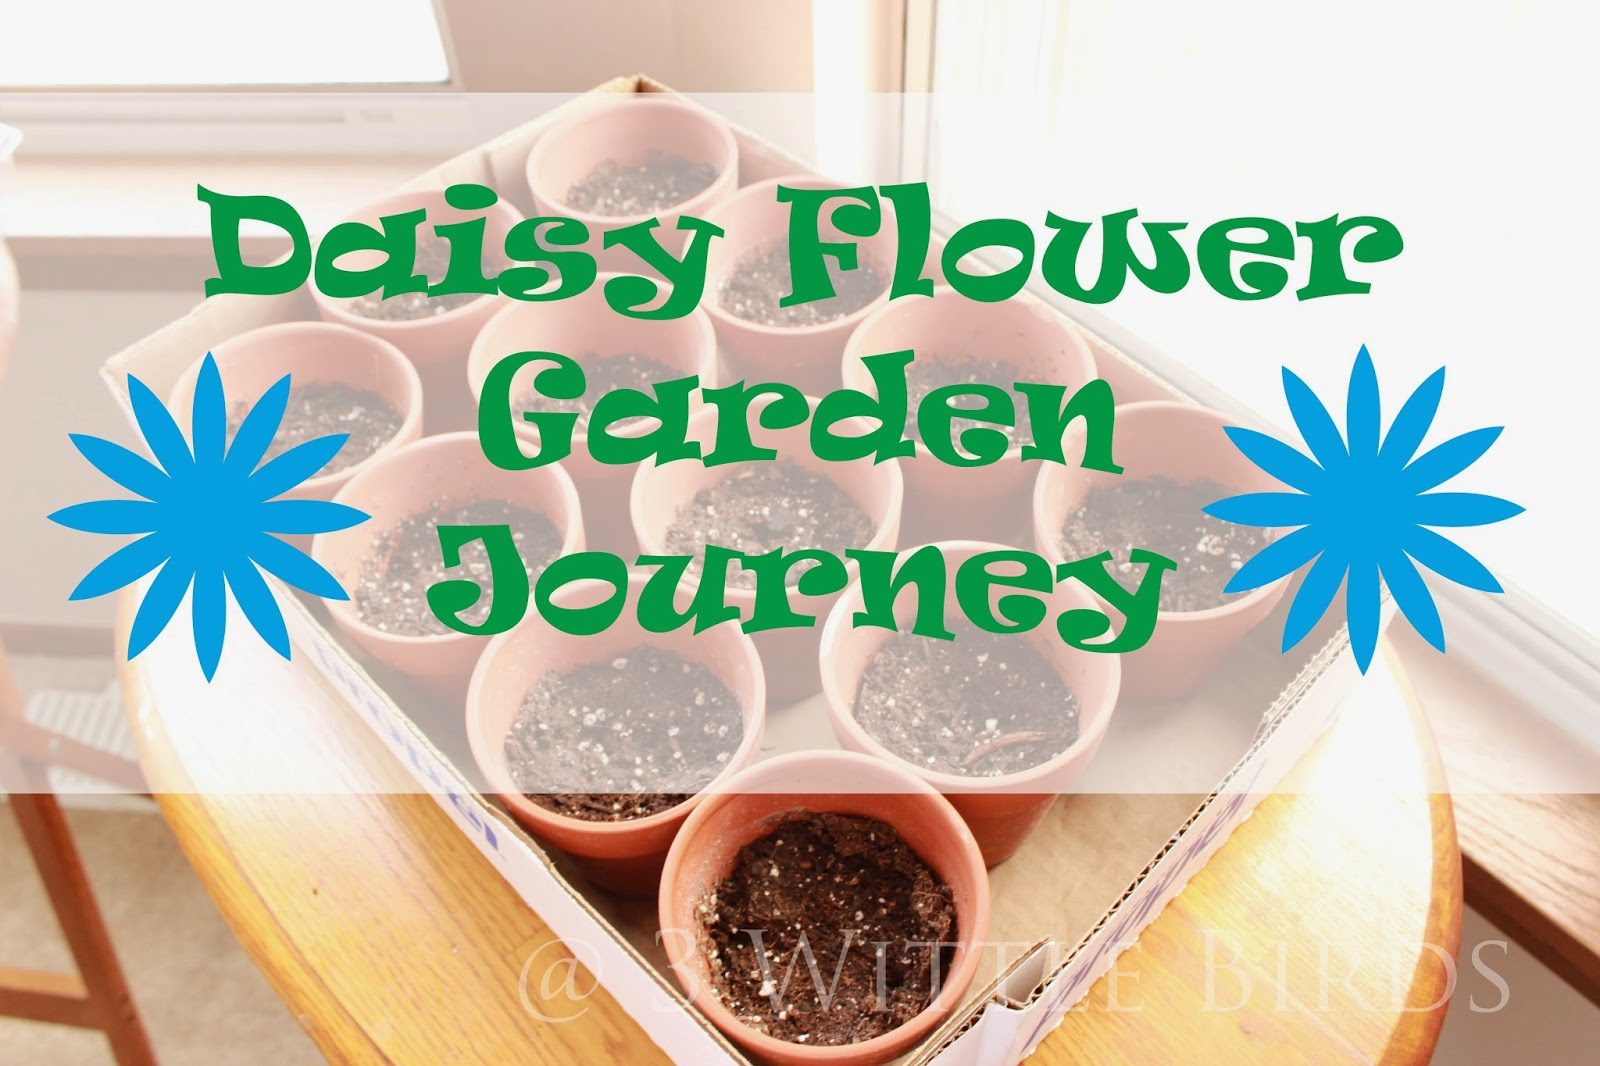 3 wittle birds: daisy flower garden journey: session 1